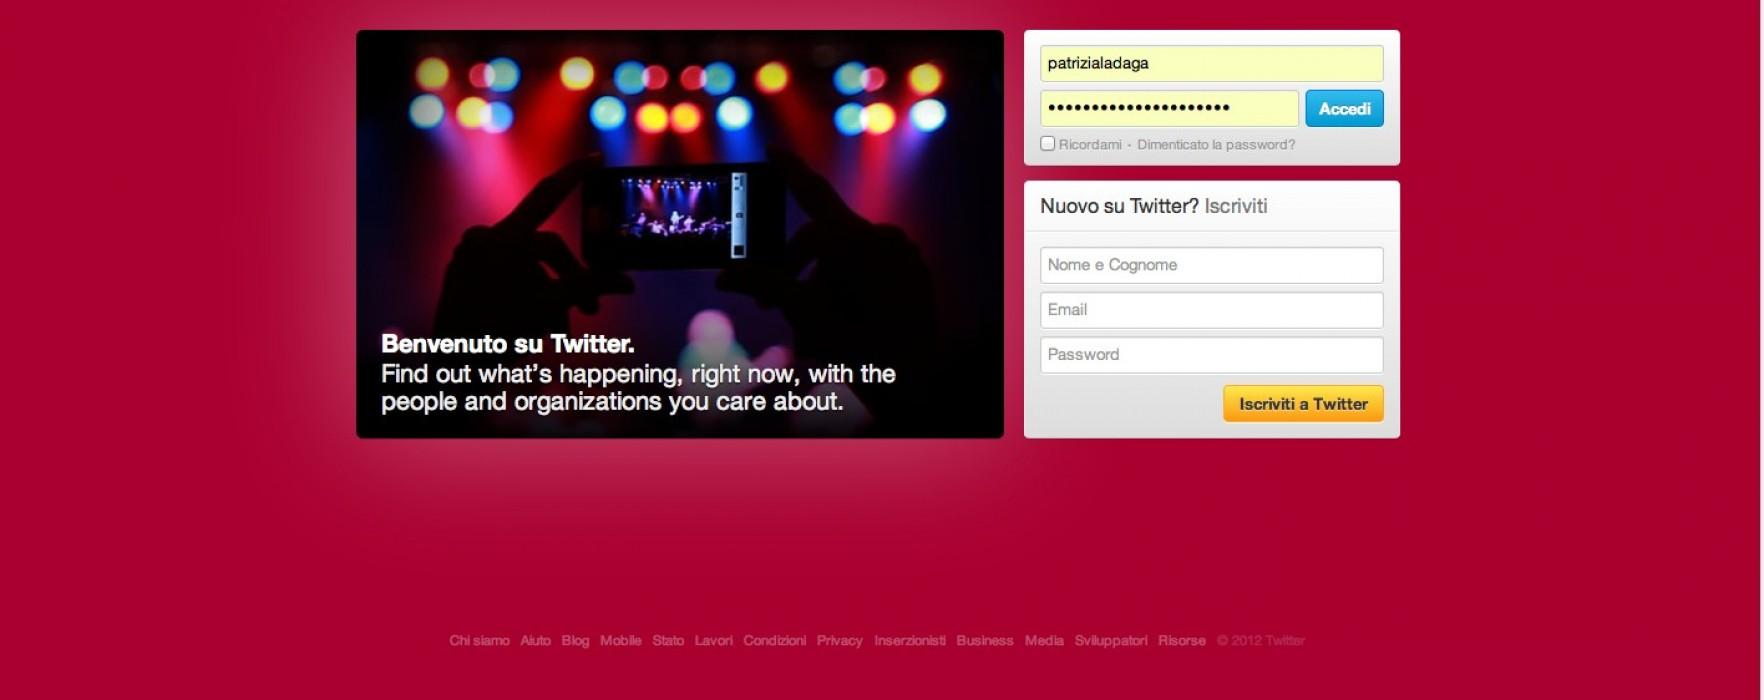 Un mese in Twitter: le cose che ho capito